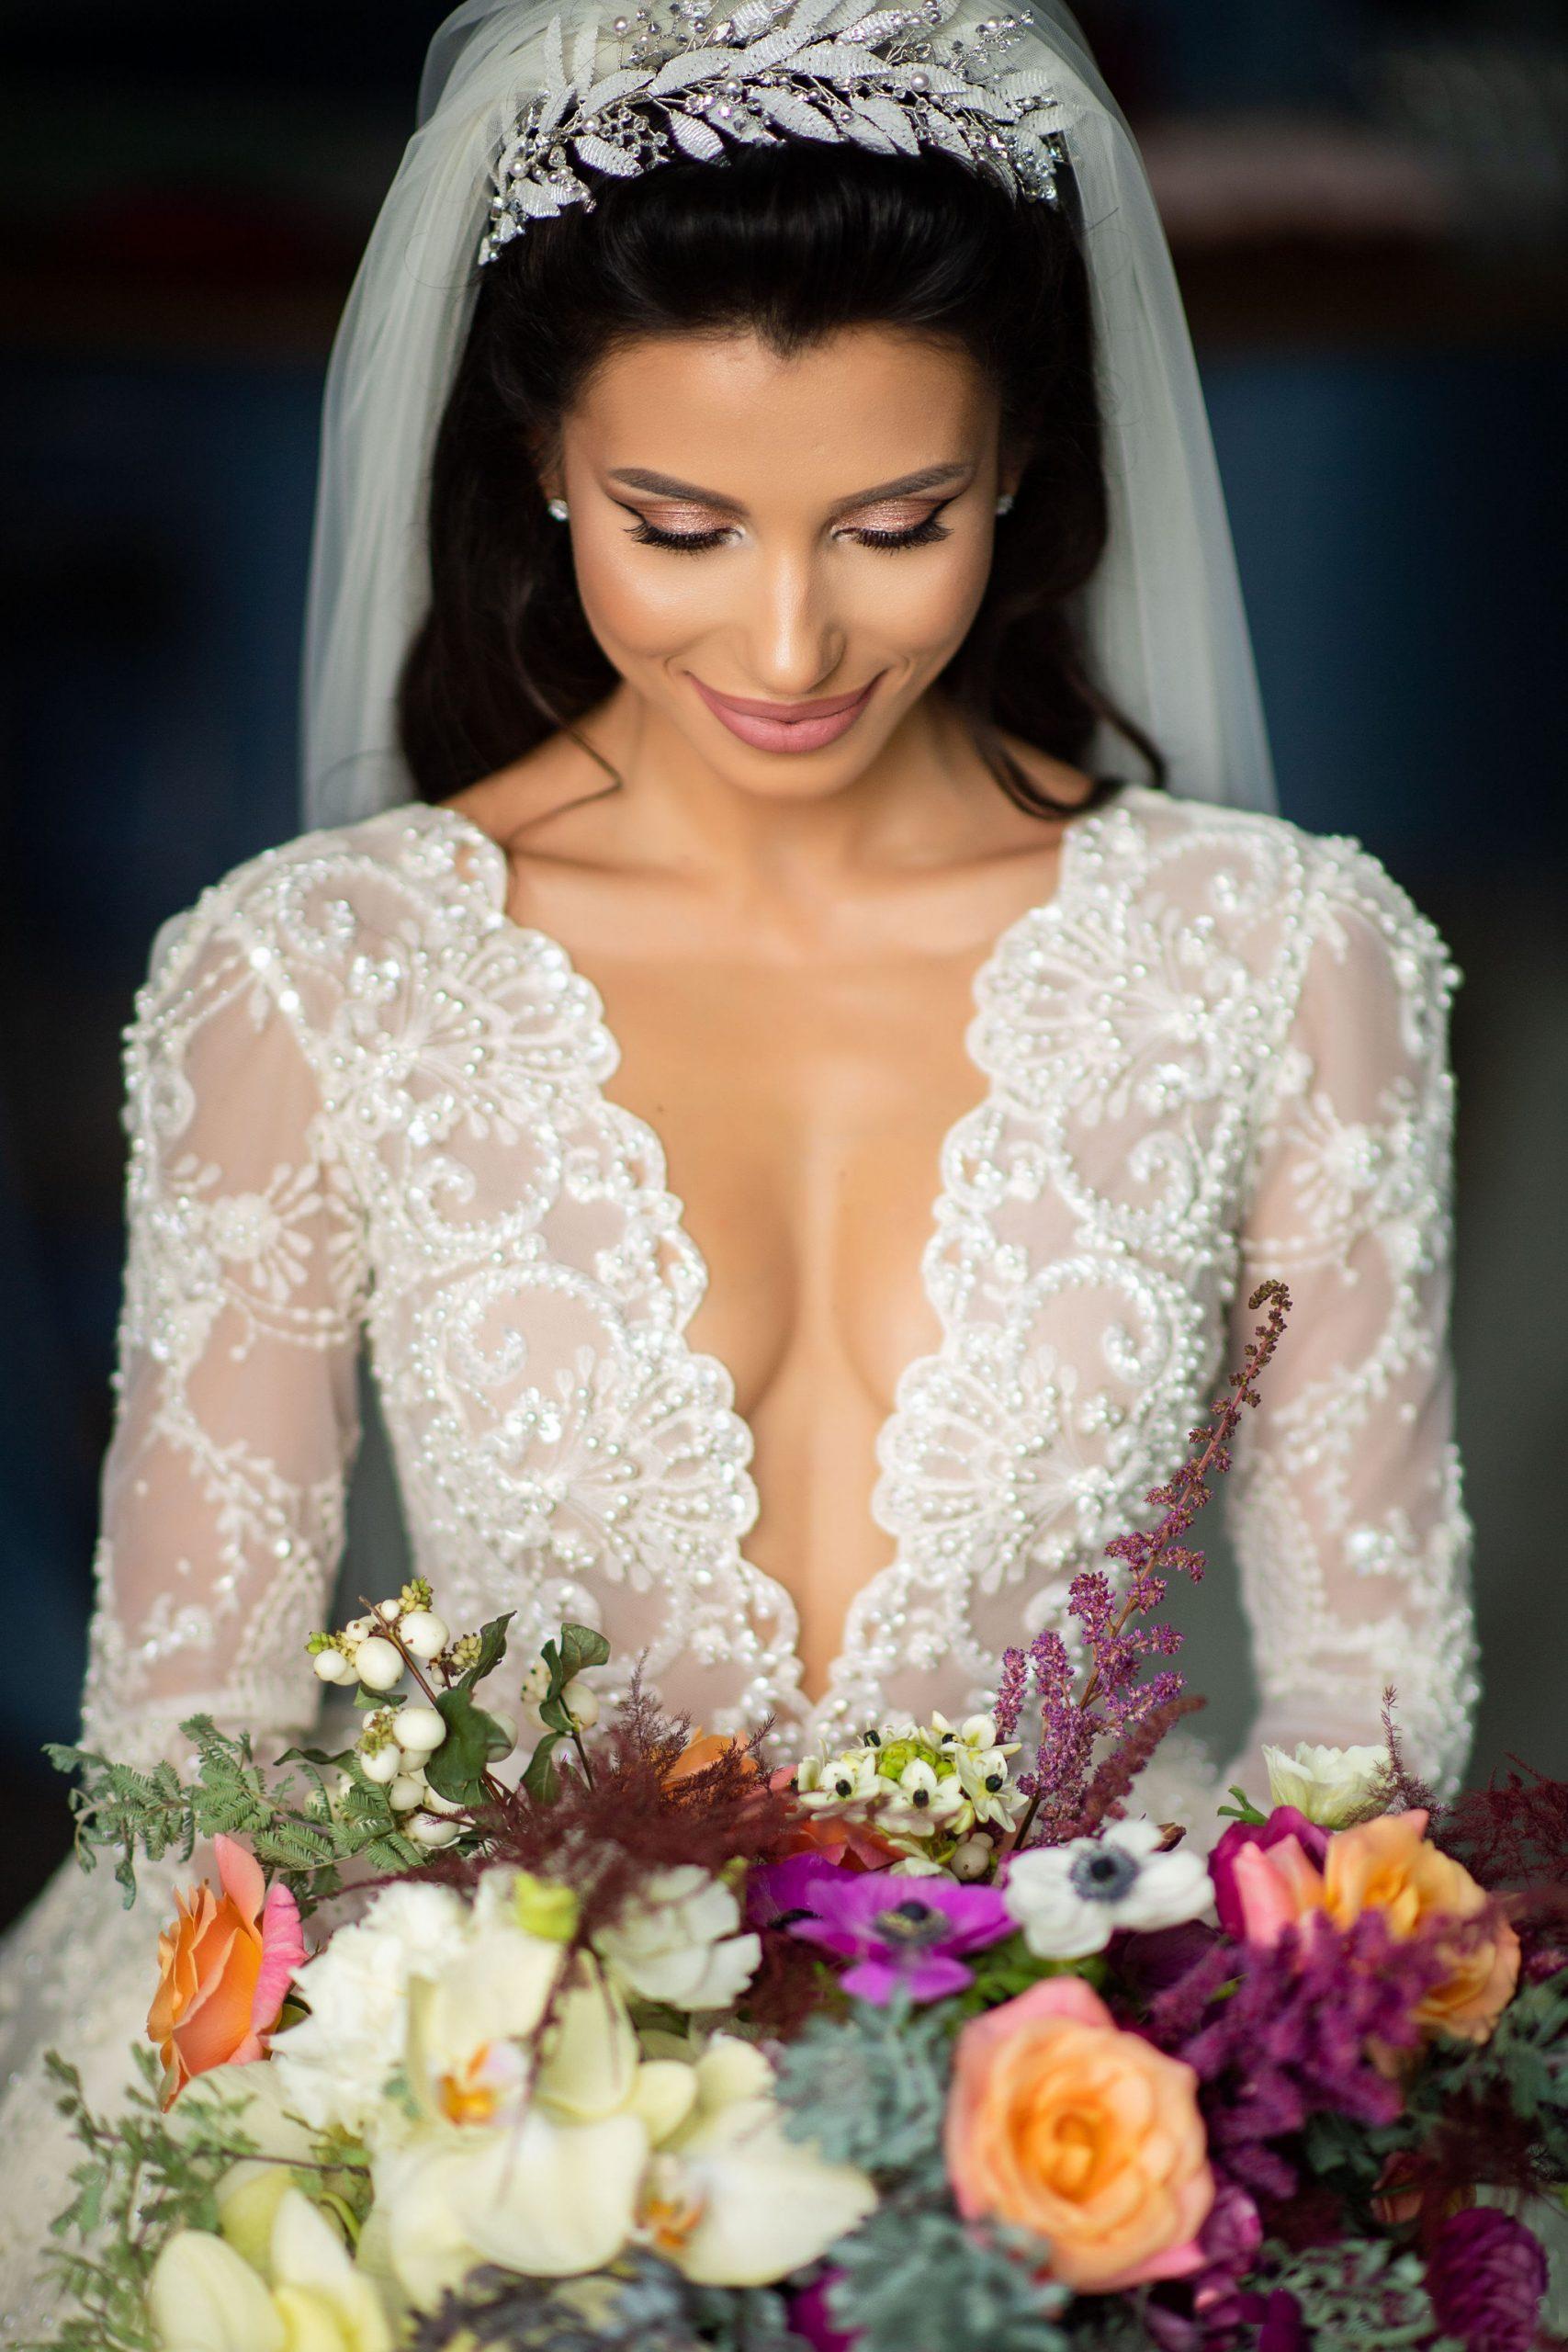 Buchet mireasa nunta, organizare nunta, organizare evenimente